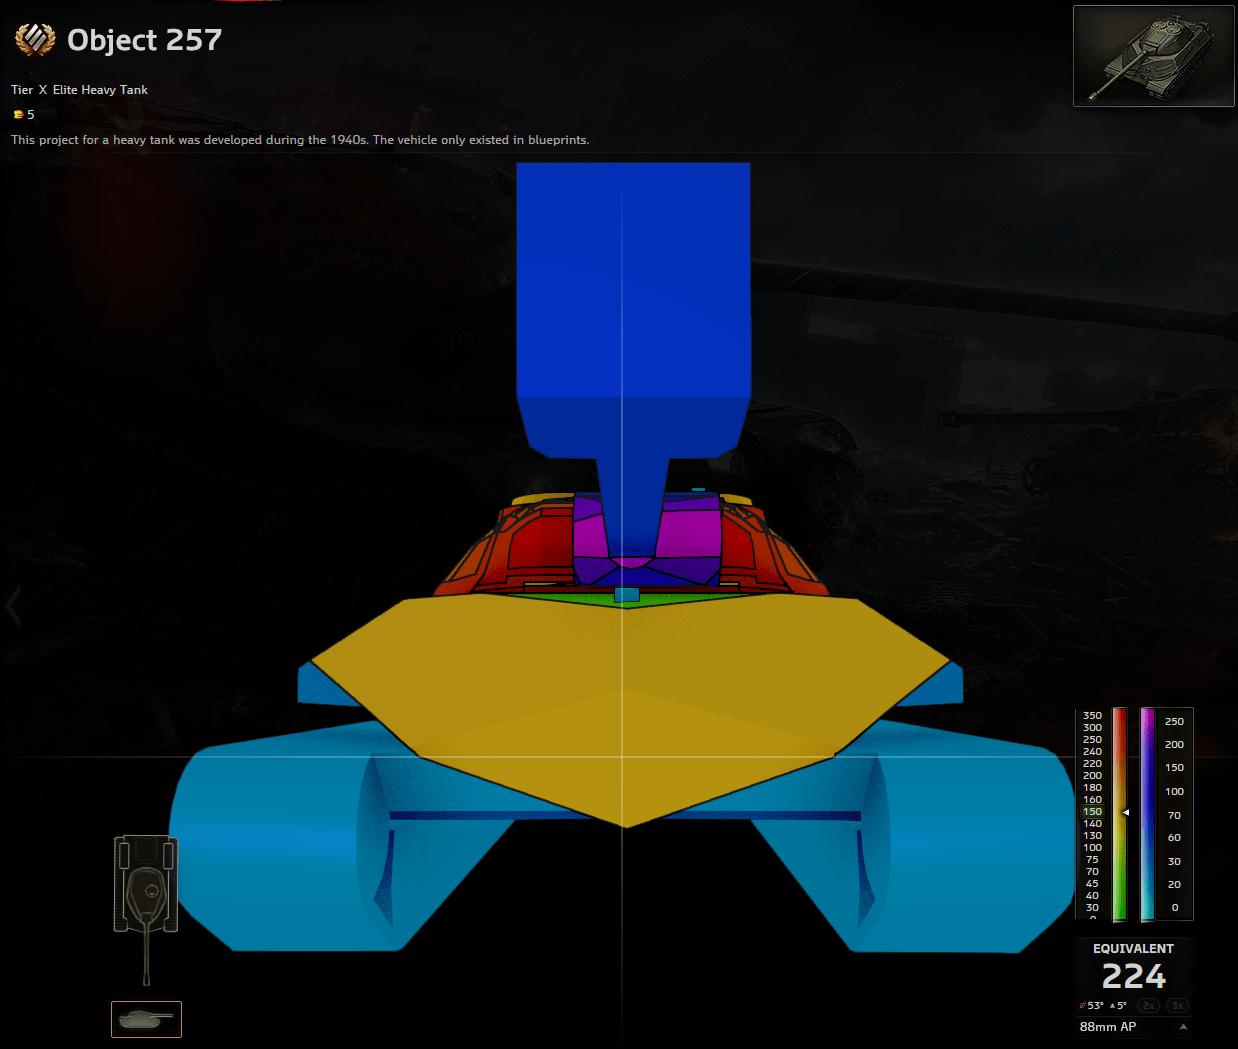 Tier X reward